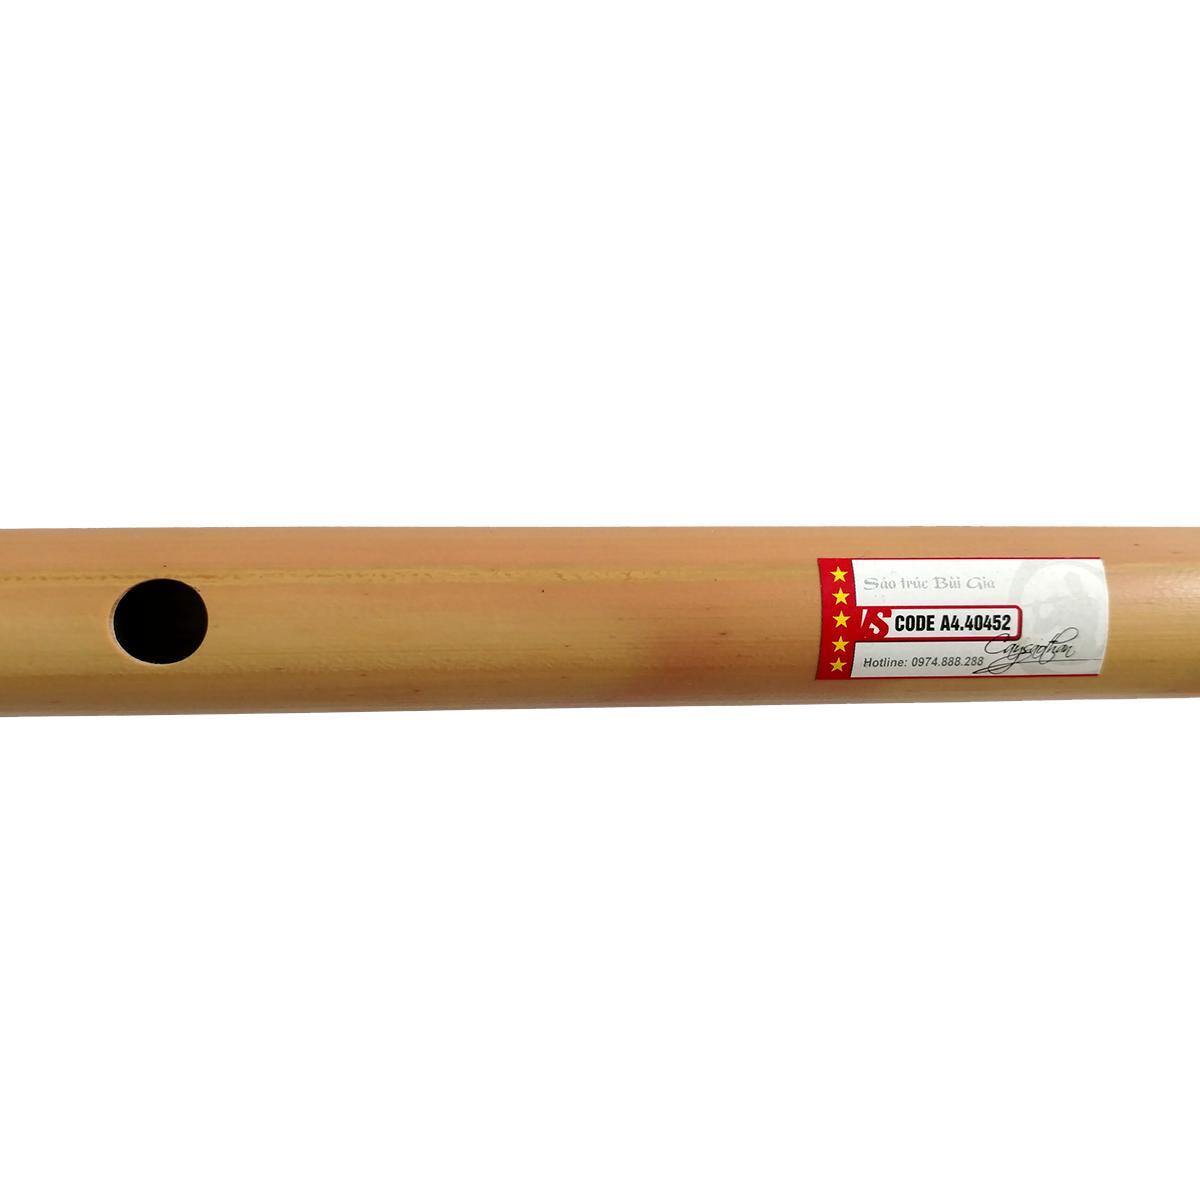 Sáo Trúc Bùi Gia VS5 - Tone D5 - Cây sáo để diễn chuyên nghiệp